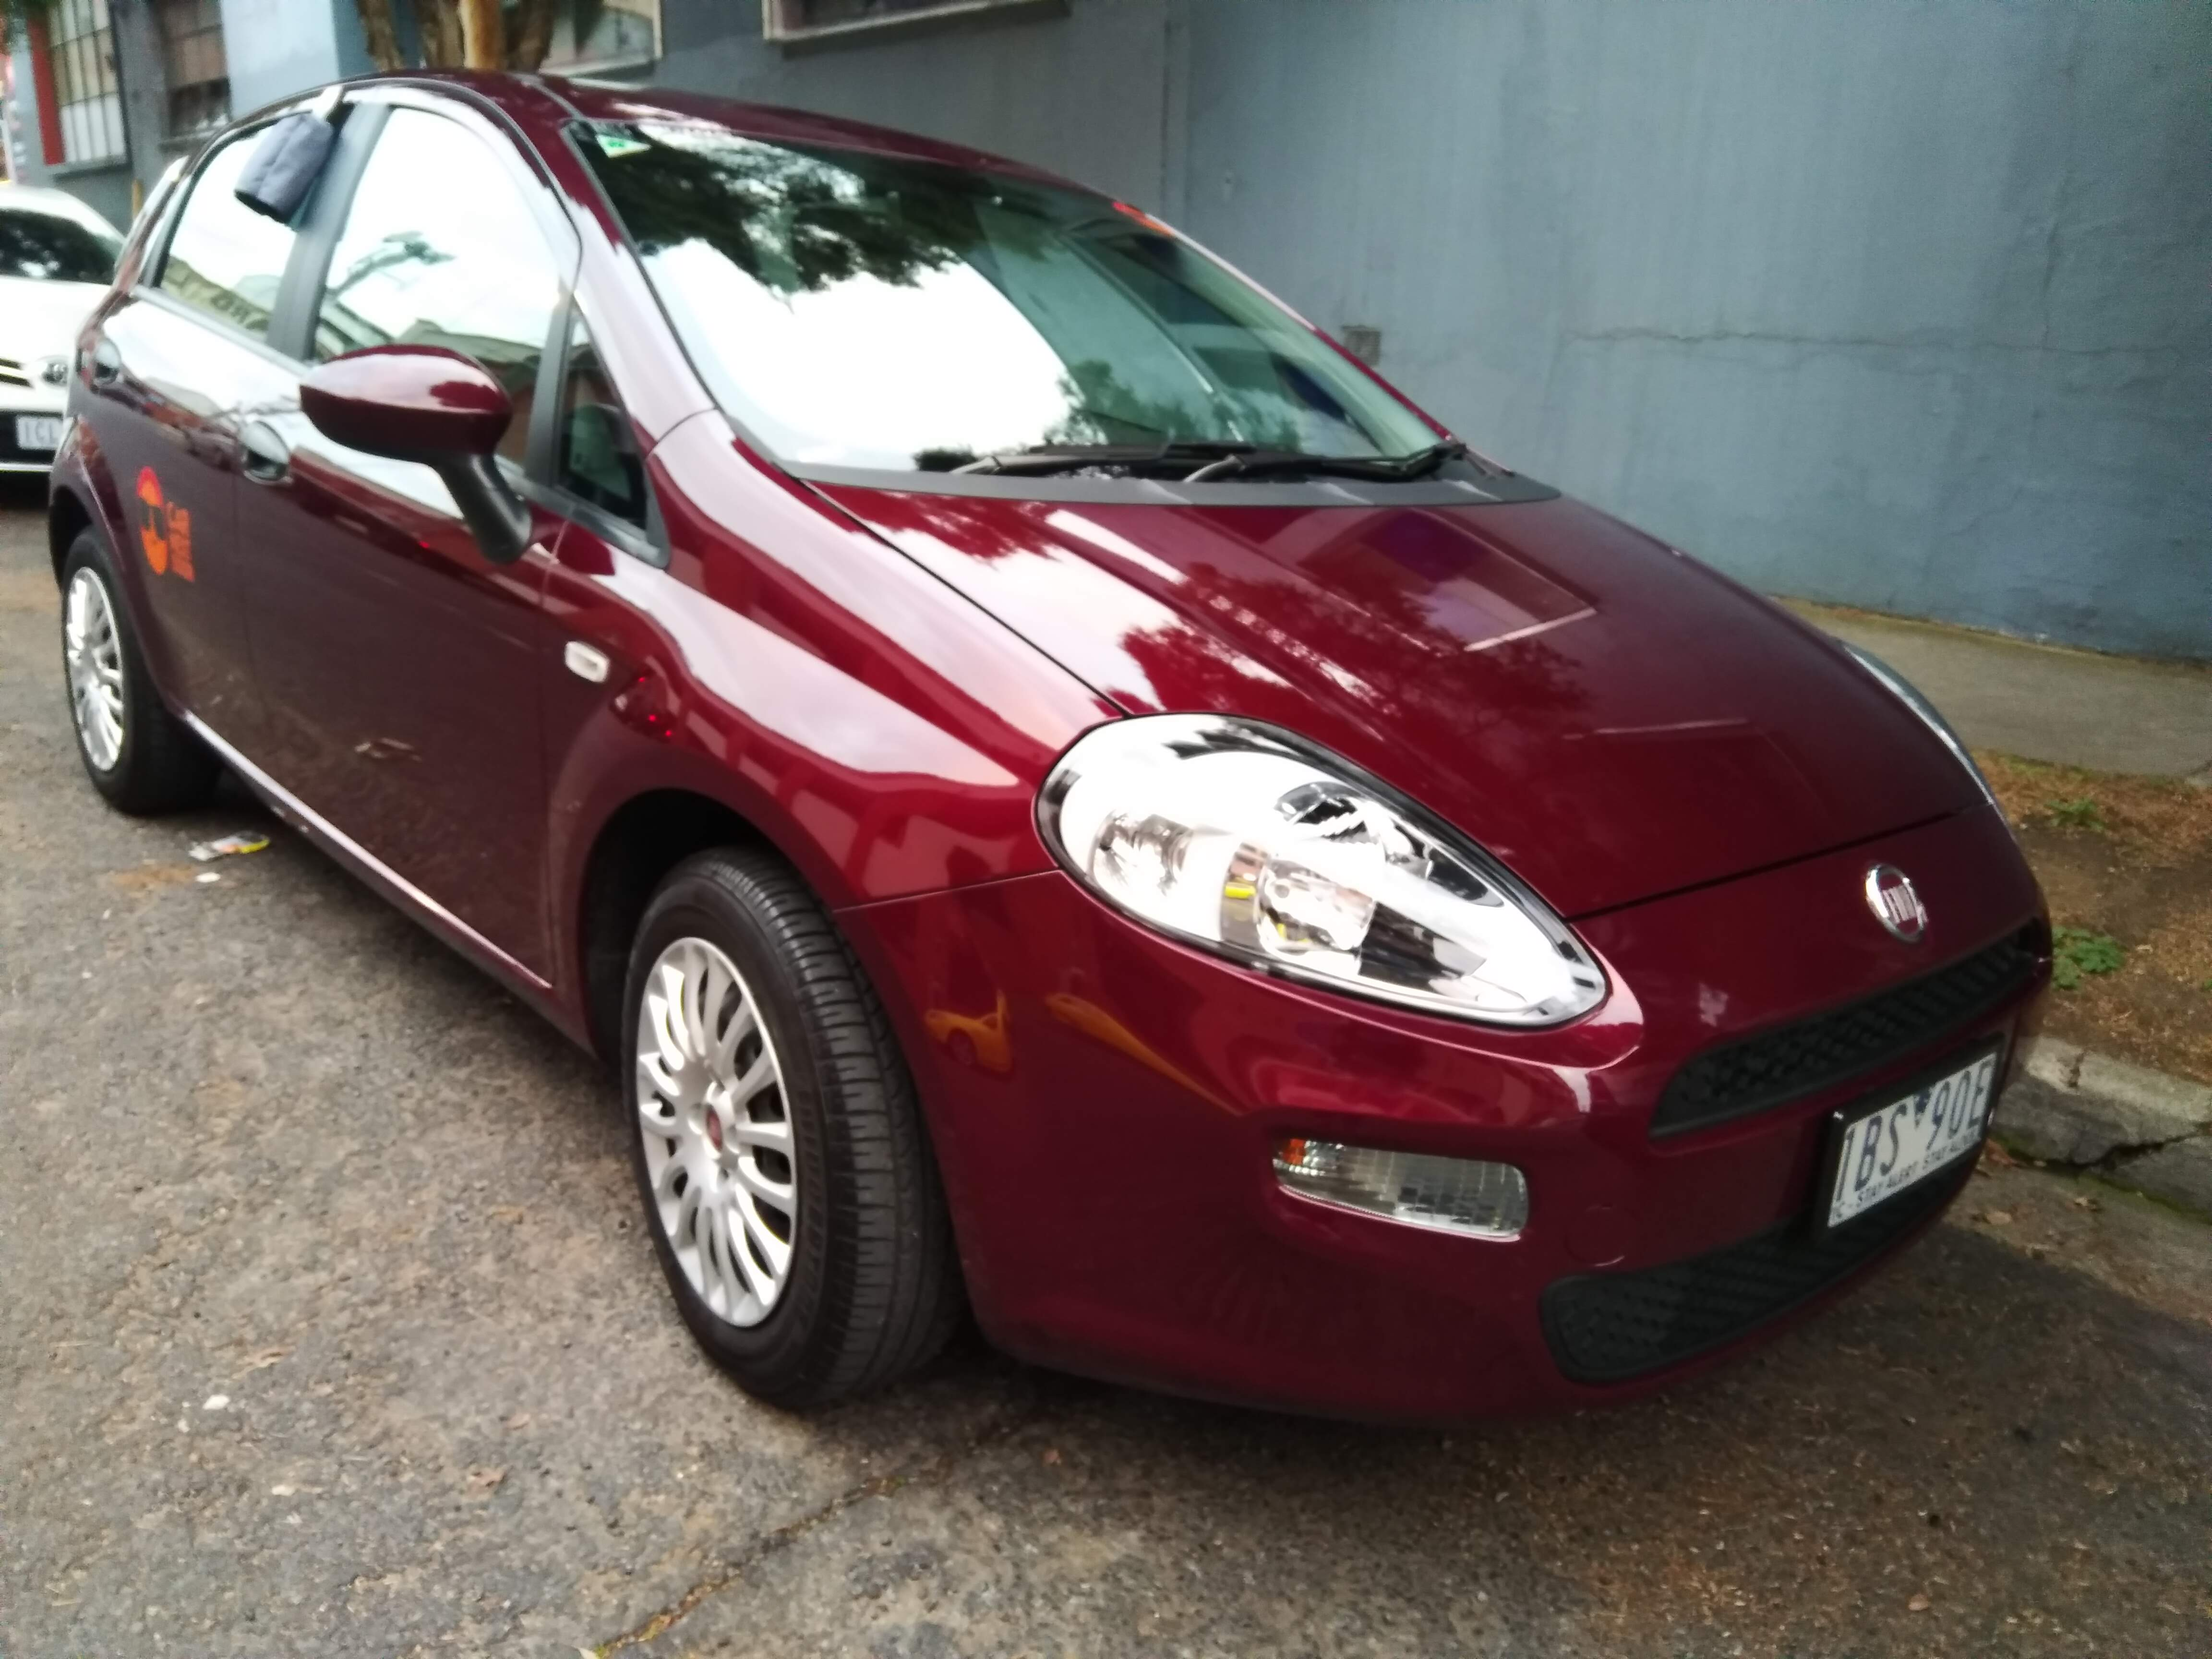 Picture of Josephine's 2014 Fiat Punto